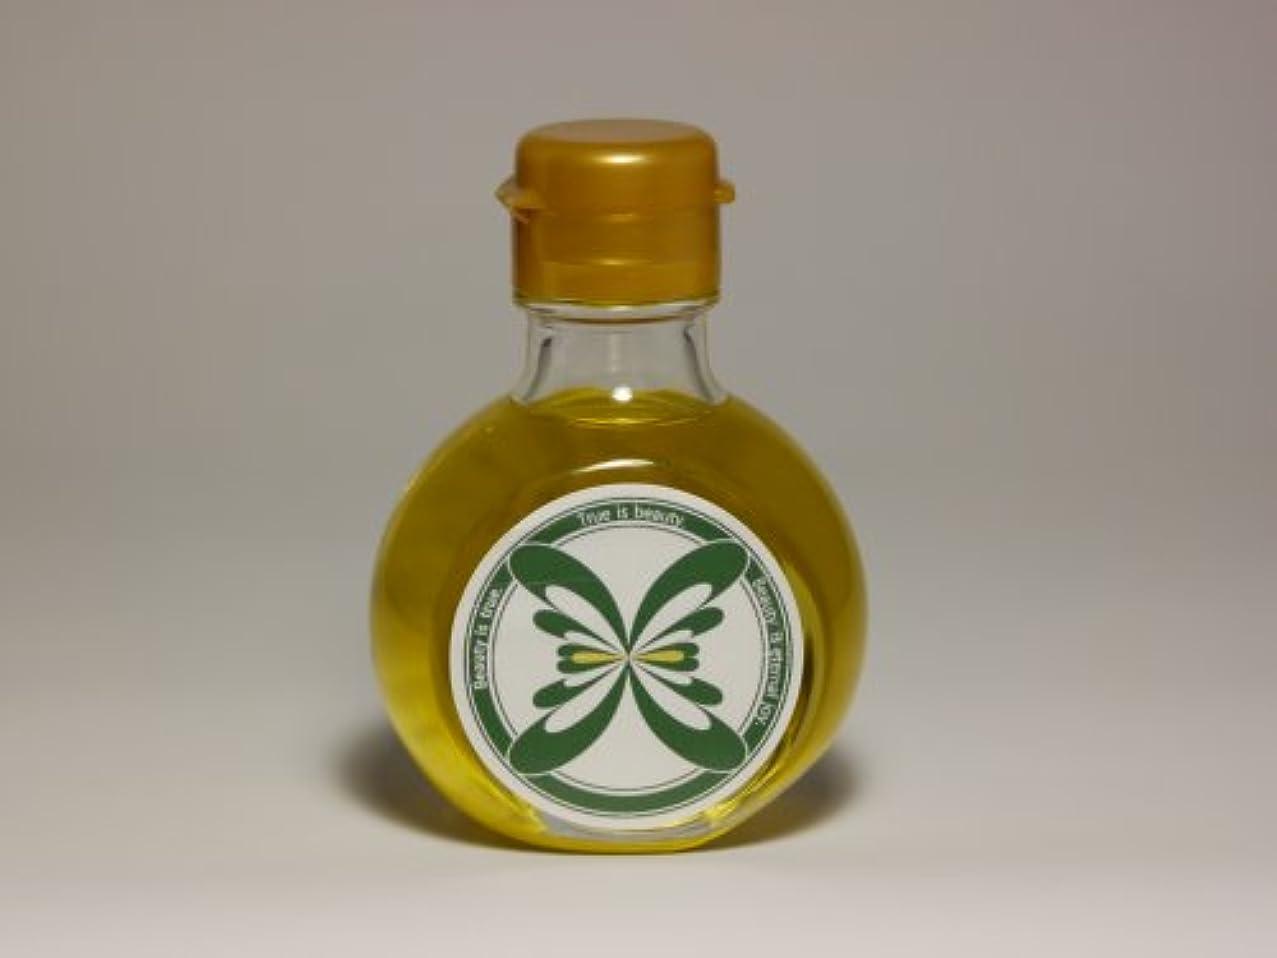 楽観的殺します才能のあるモリンガゴールドオイル100 100ml 酸化しにくい飽和脂肪酸含有のモリンガオイル100%で、クレンジング(特にアイメイク落し)?保湿?ヘアオイルなど、色々な用途に使えます。